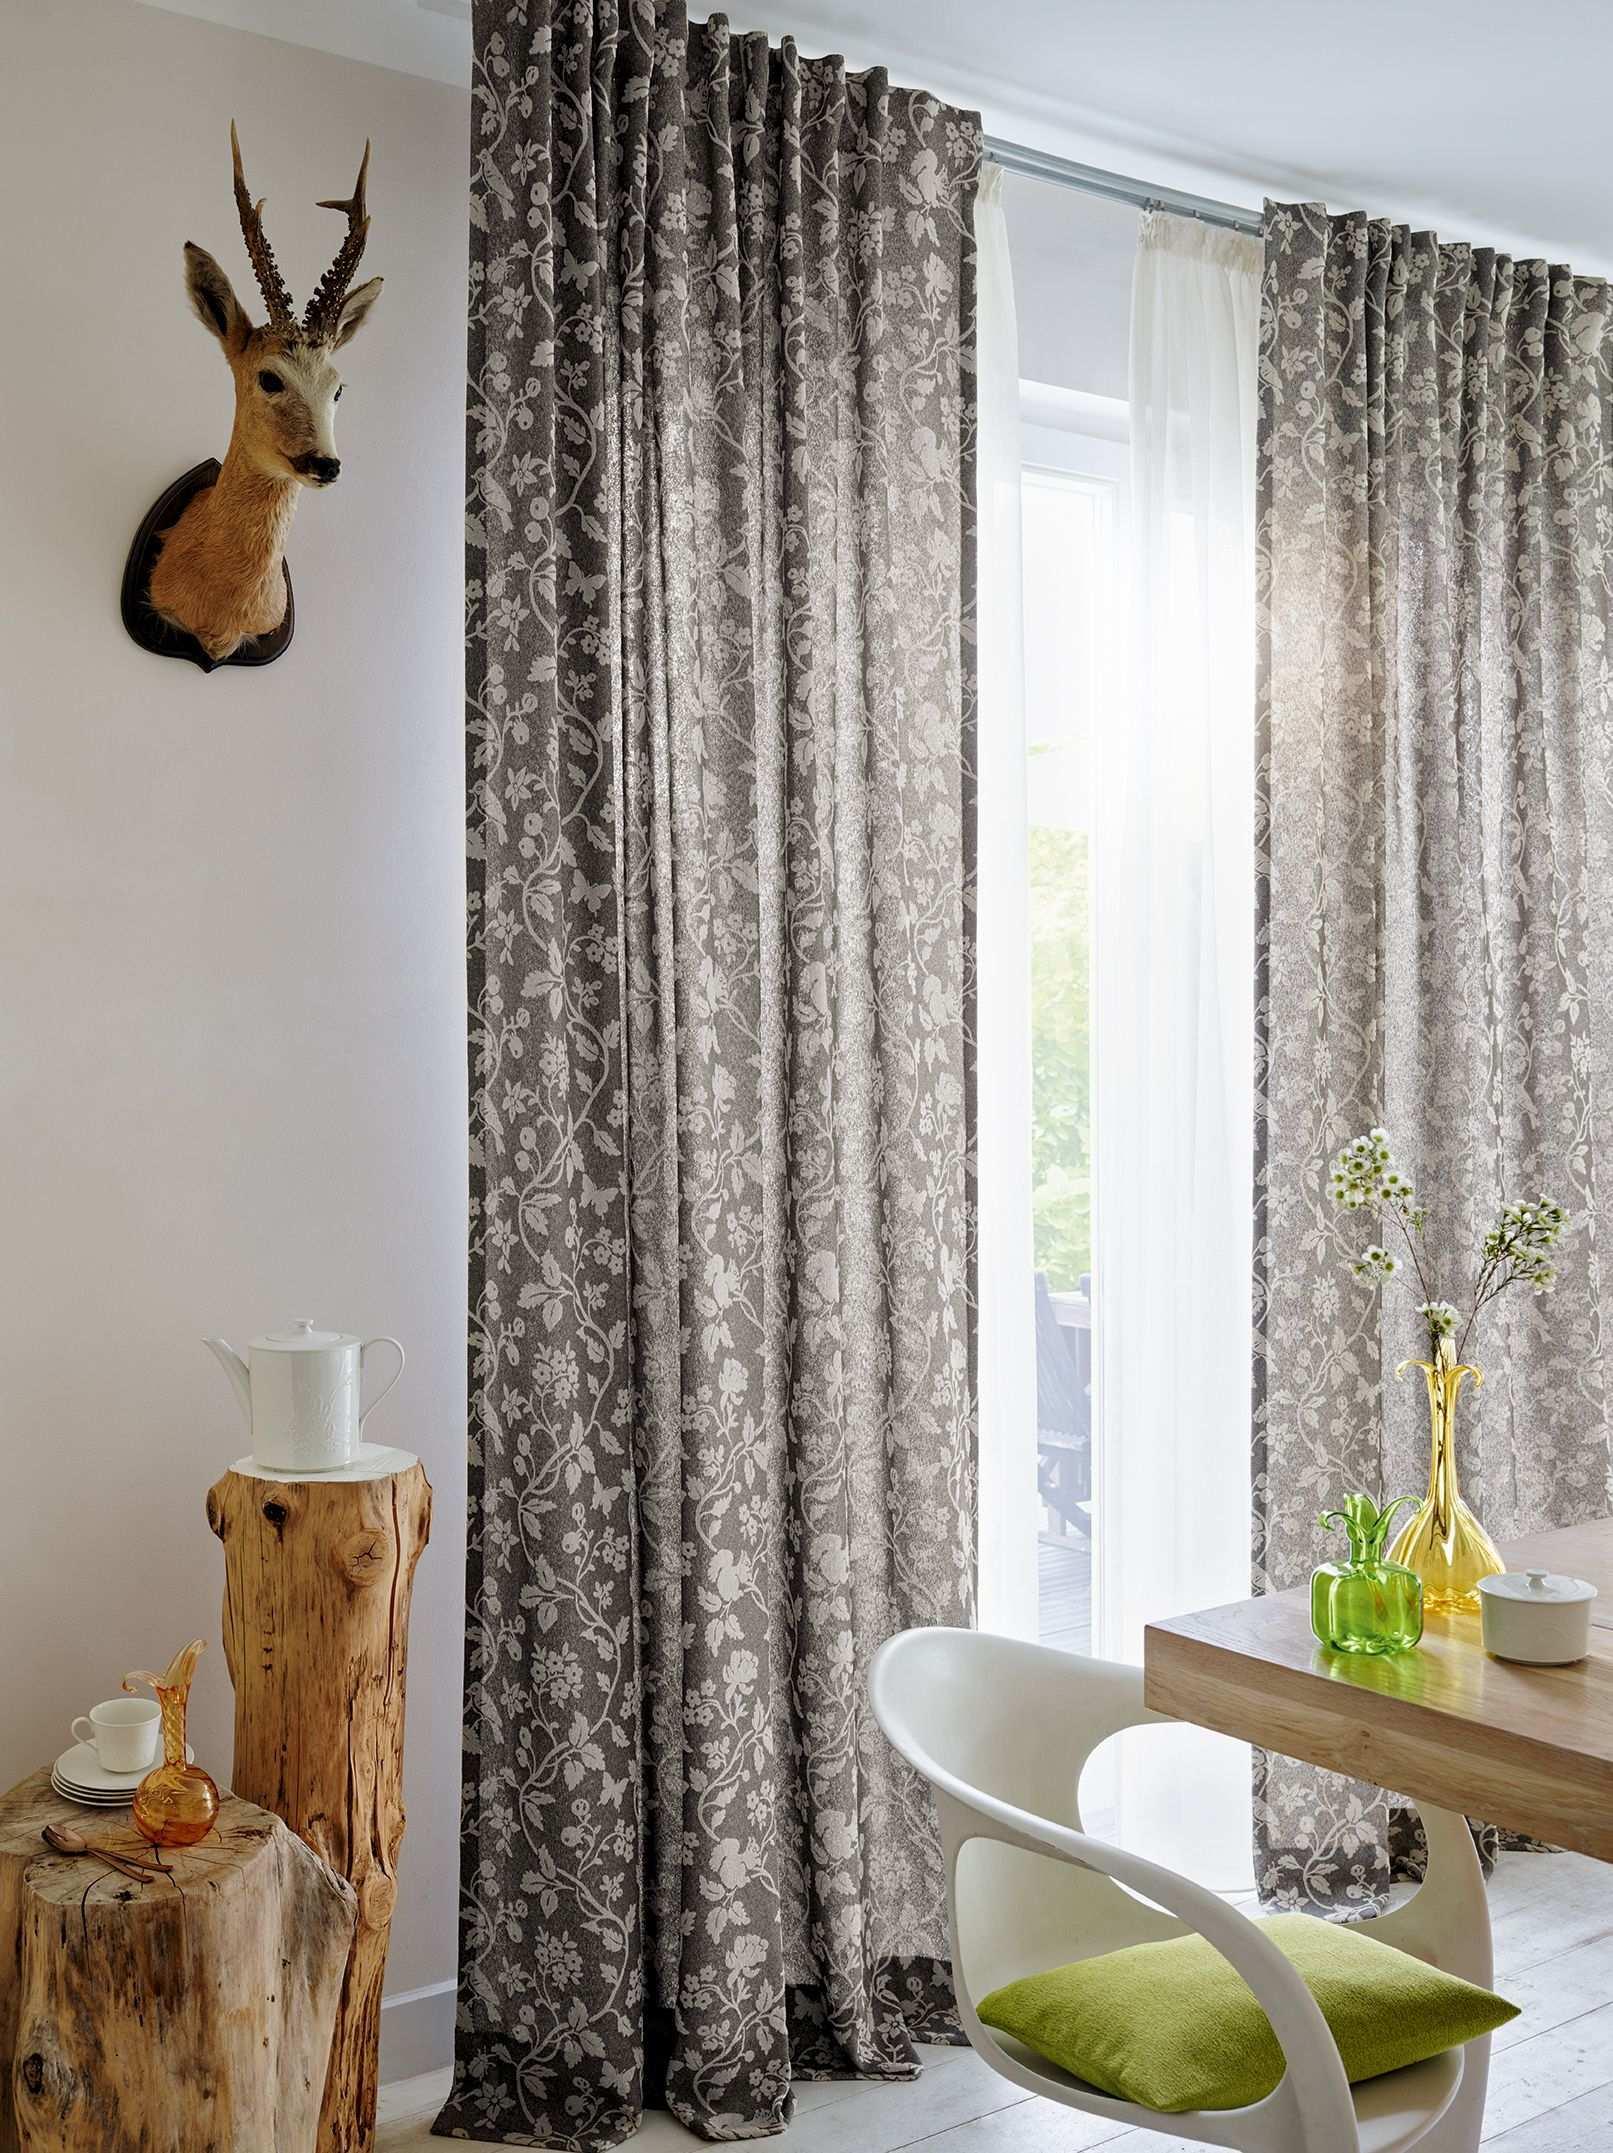 Ado Goldkante Kollektion Perfect Getaways F S 2017 Fabric Spring2017 Summer2017 Pillow Polstersto Vorhange Landhausstil Gardinen Landhausstil Vorhange